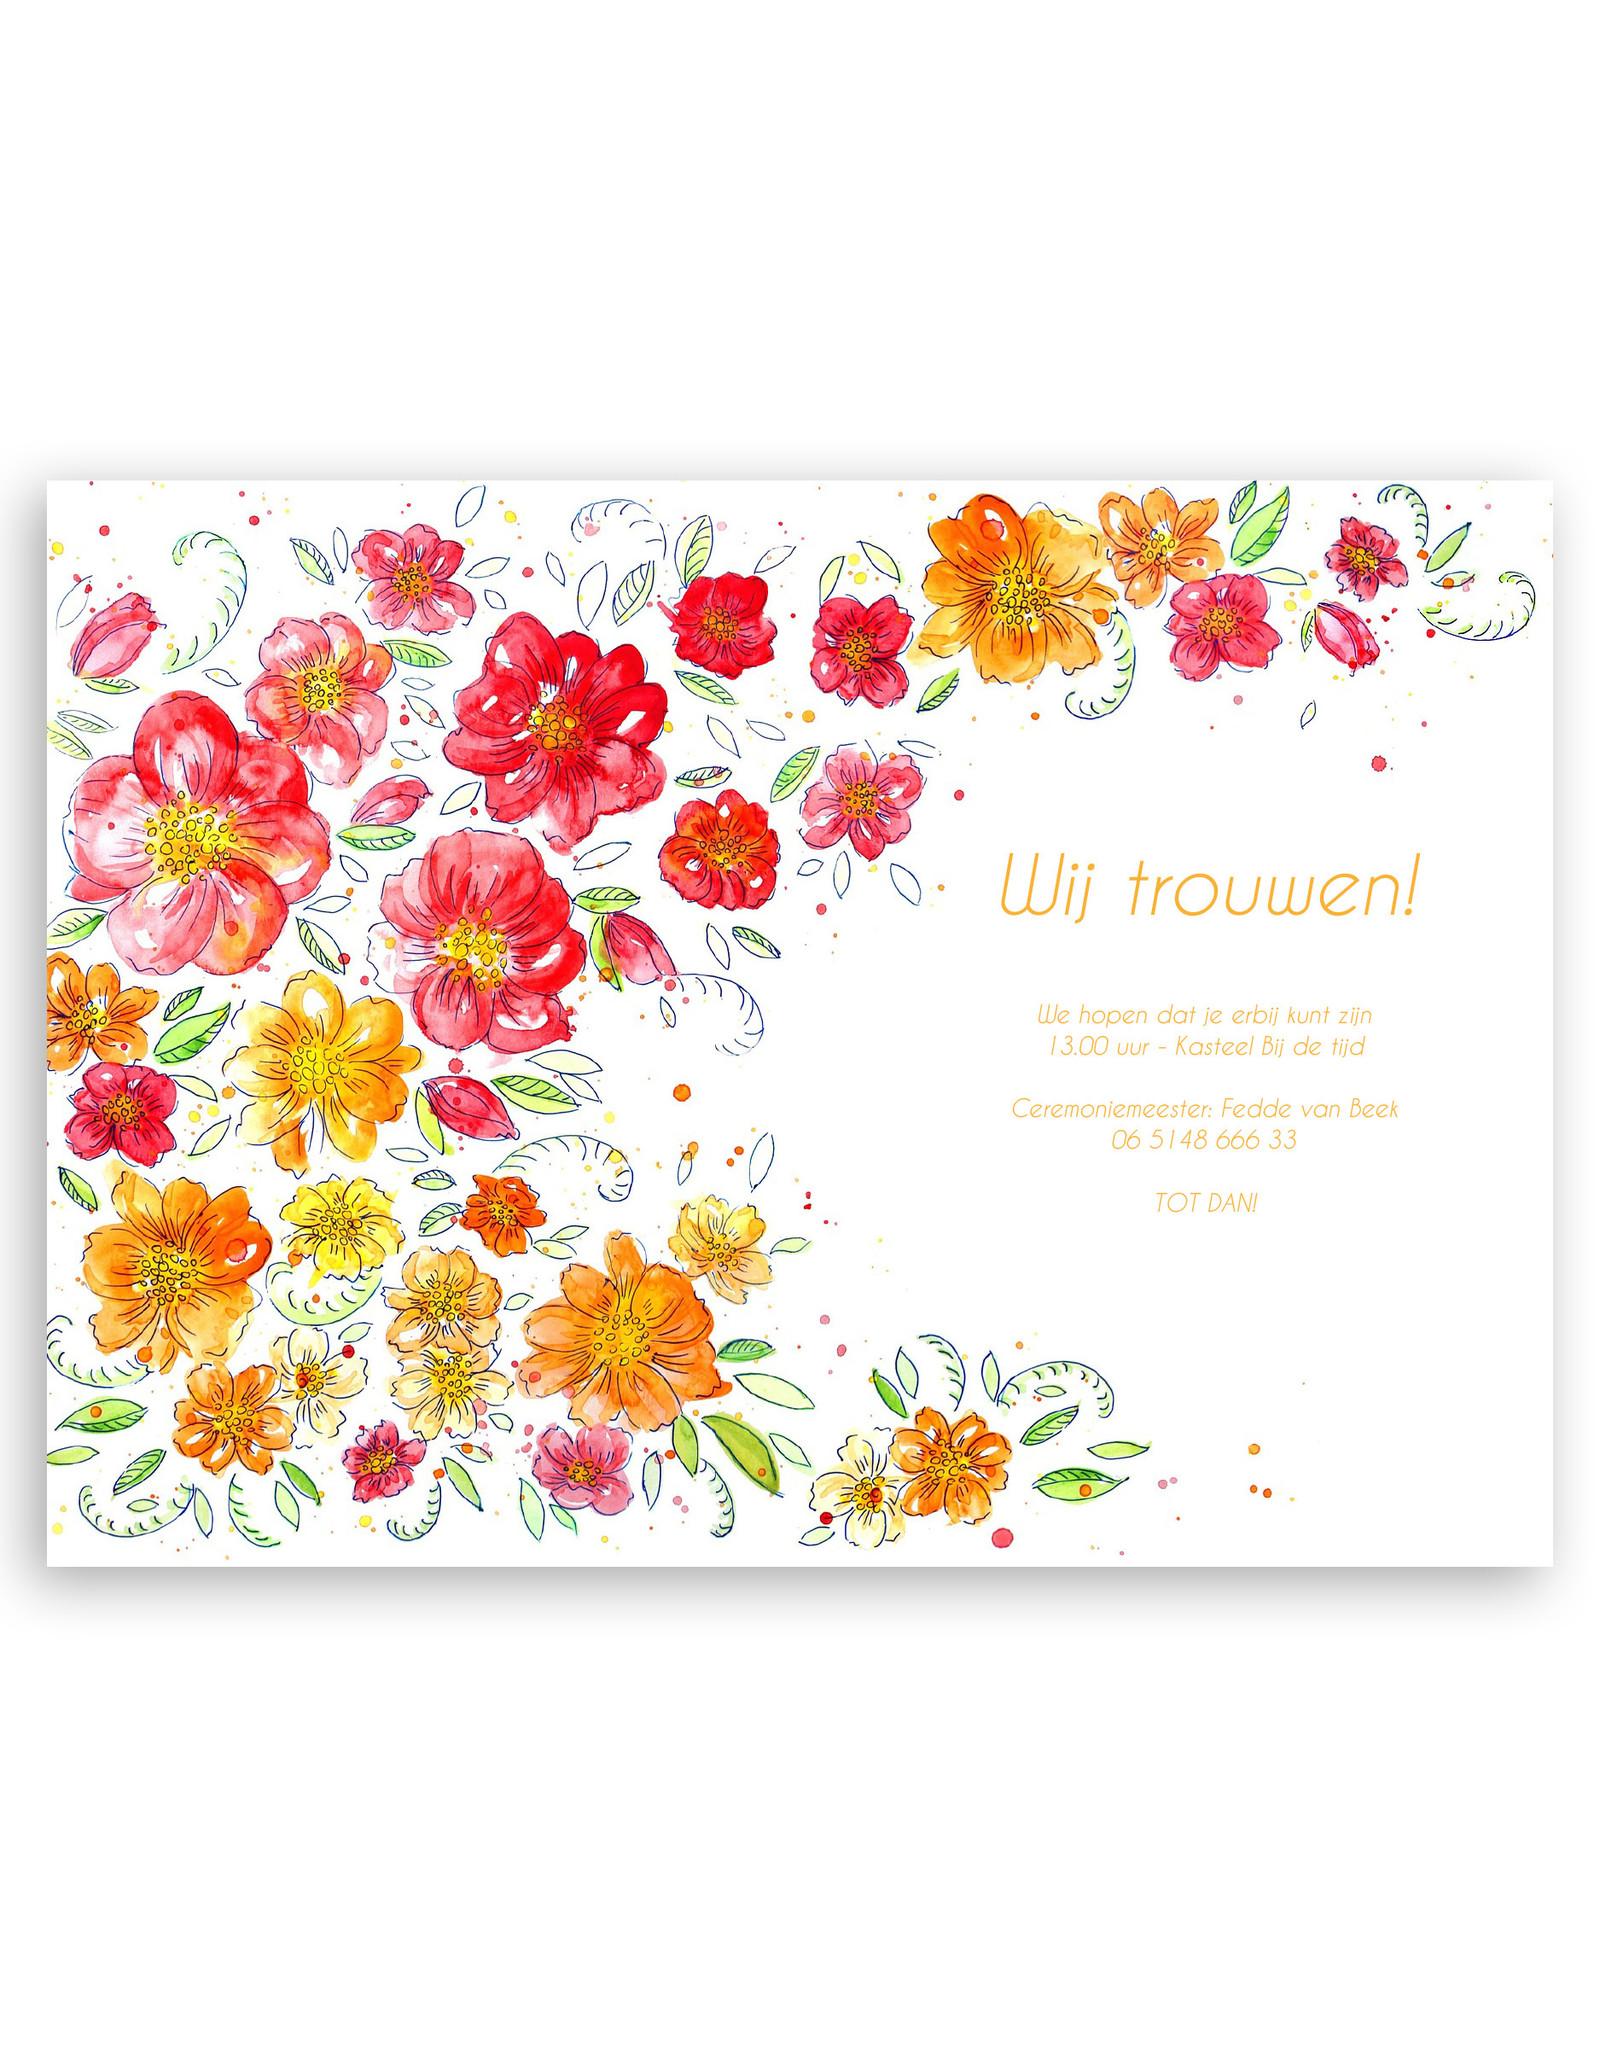 www.Robin.cards Trouwkaart luxe enkel rechthoek Anne en Jasper